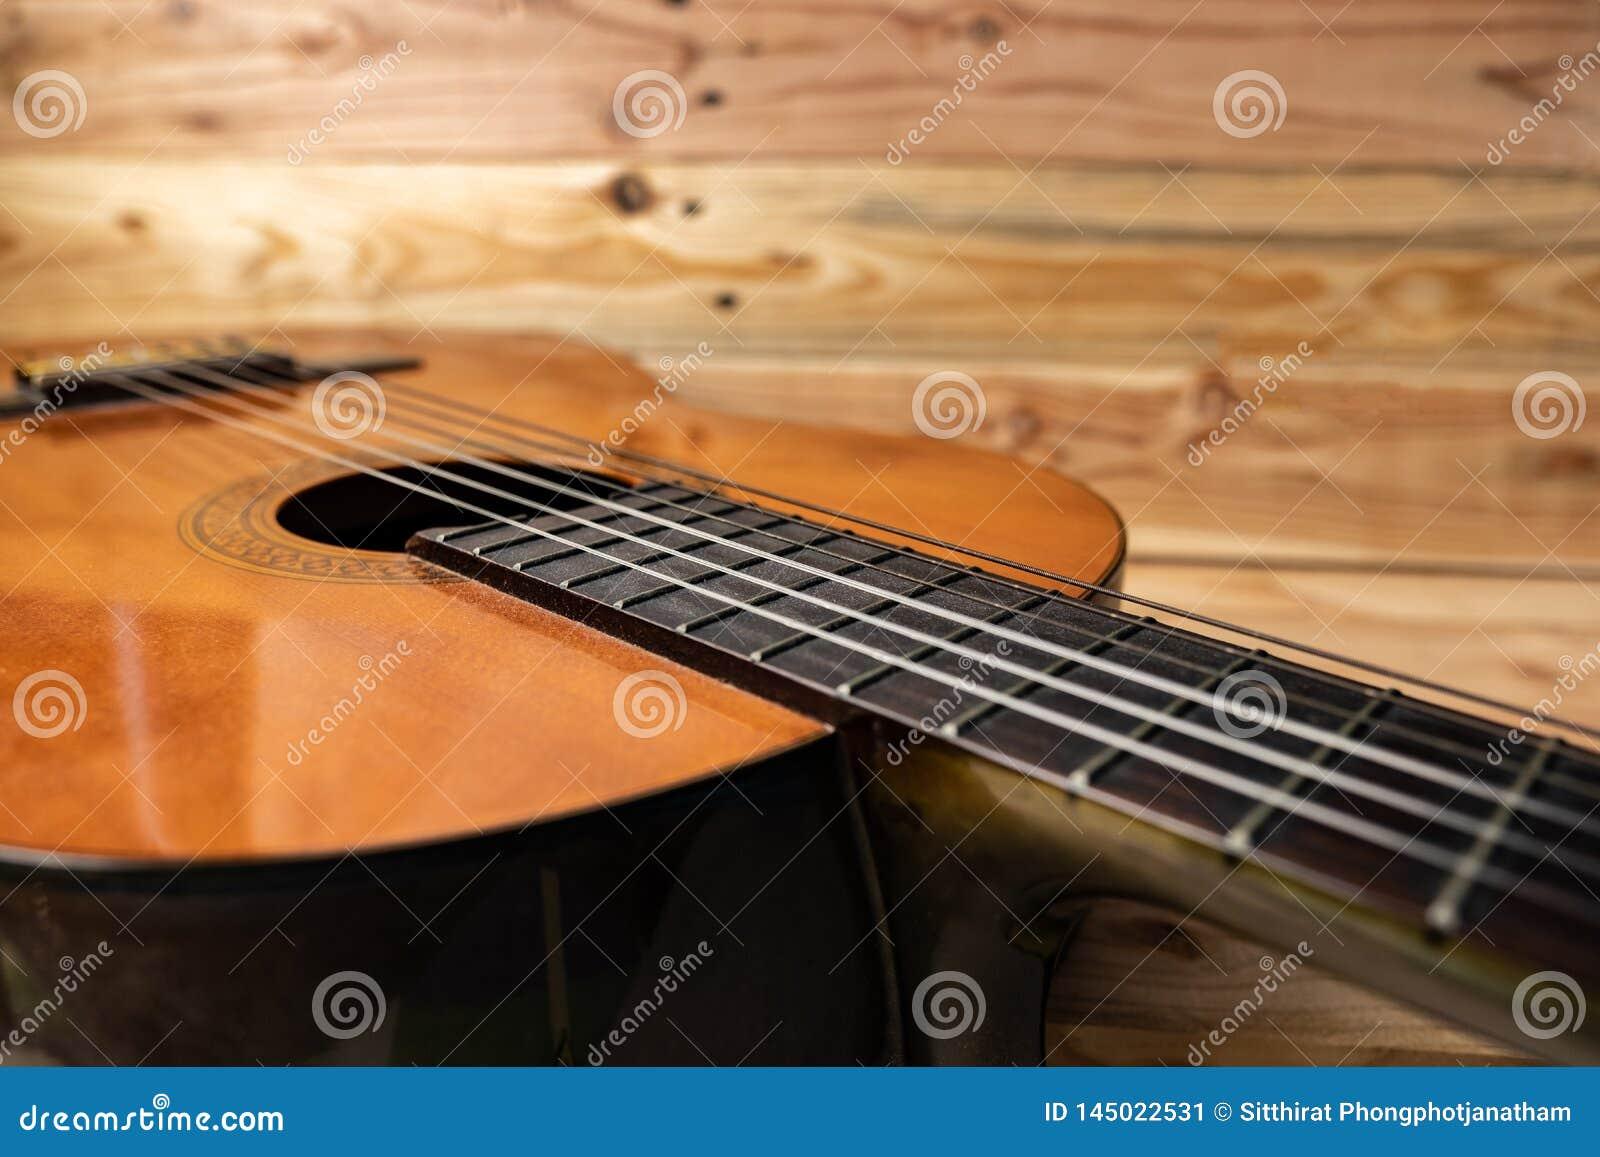 Vecchia chitarra classica su fondo di legno